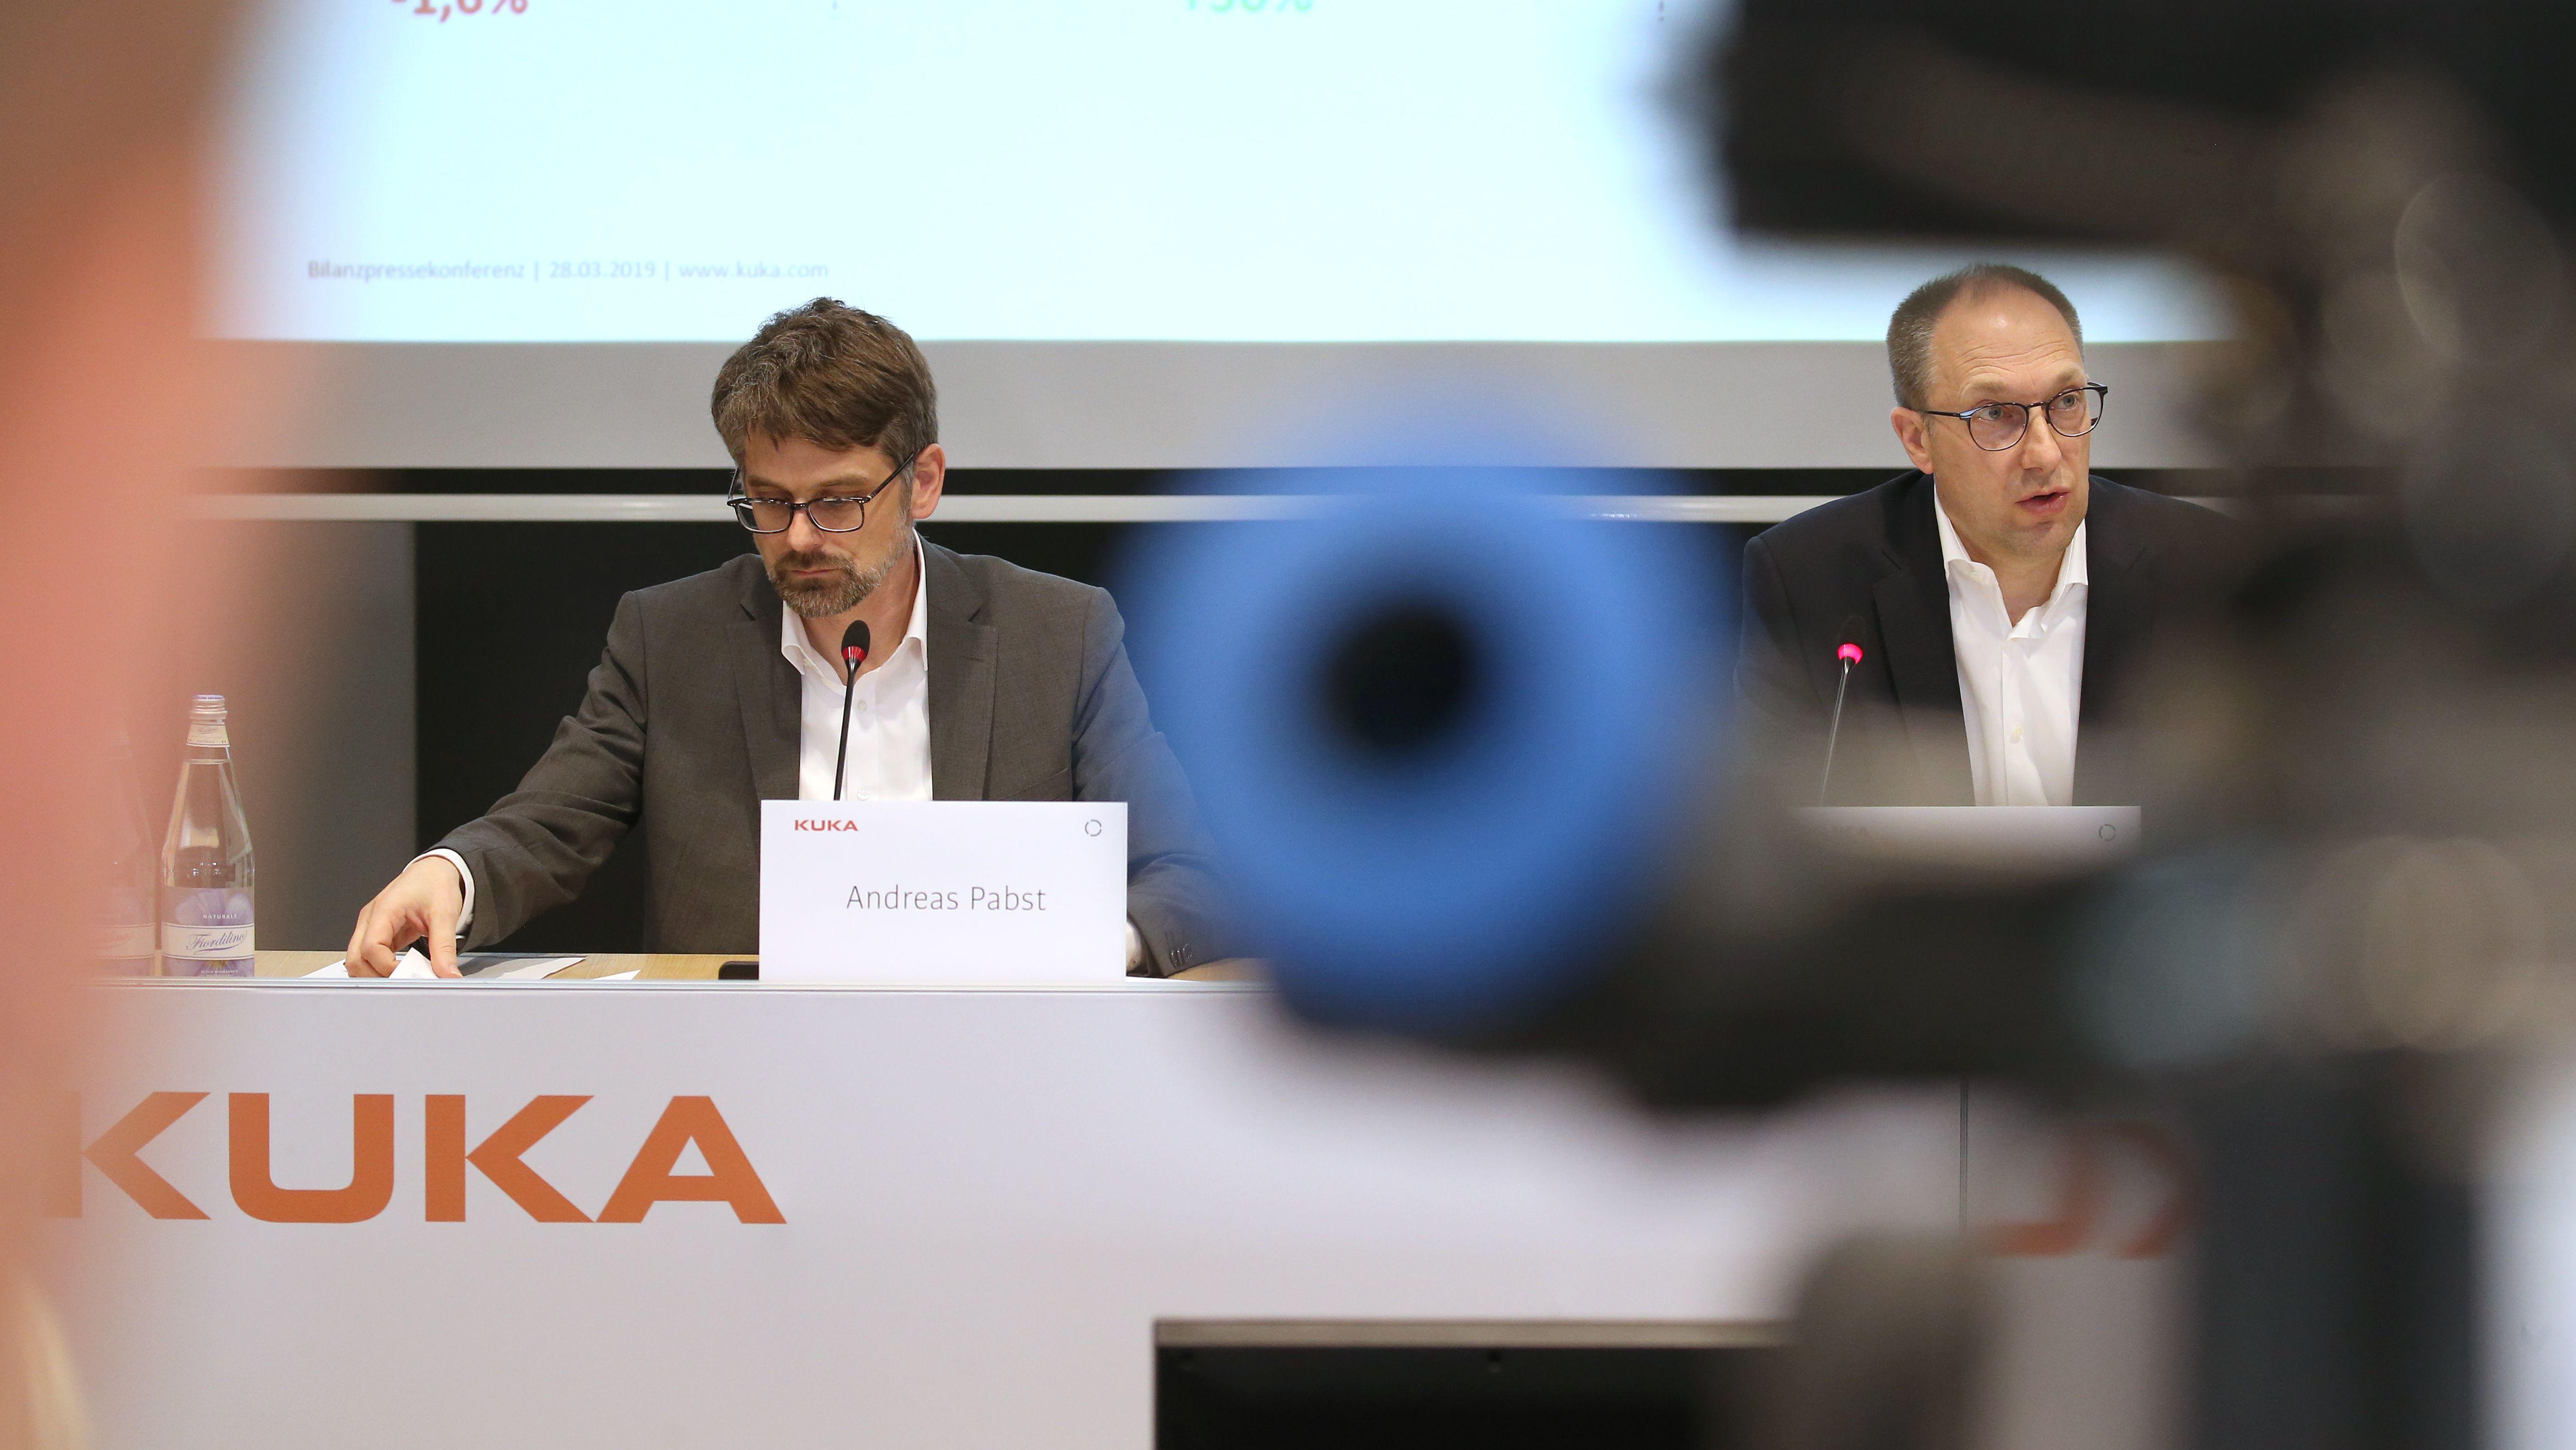 Kuka Bilanz-Pressekonferenz für das Jahr 2018